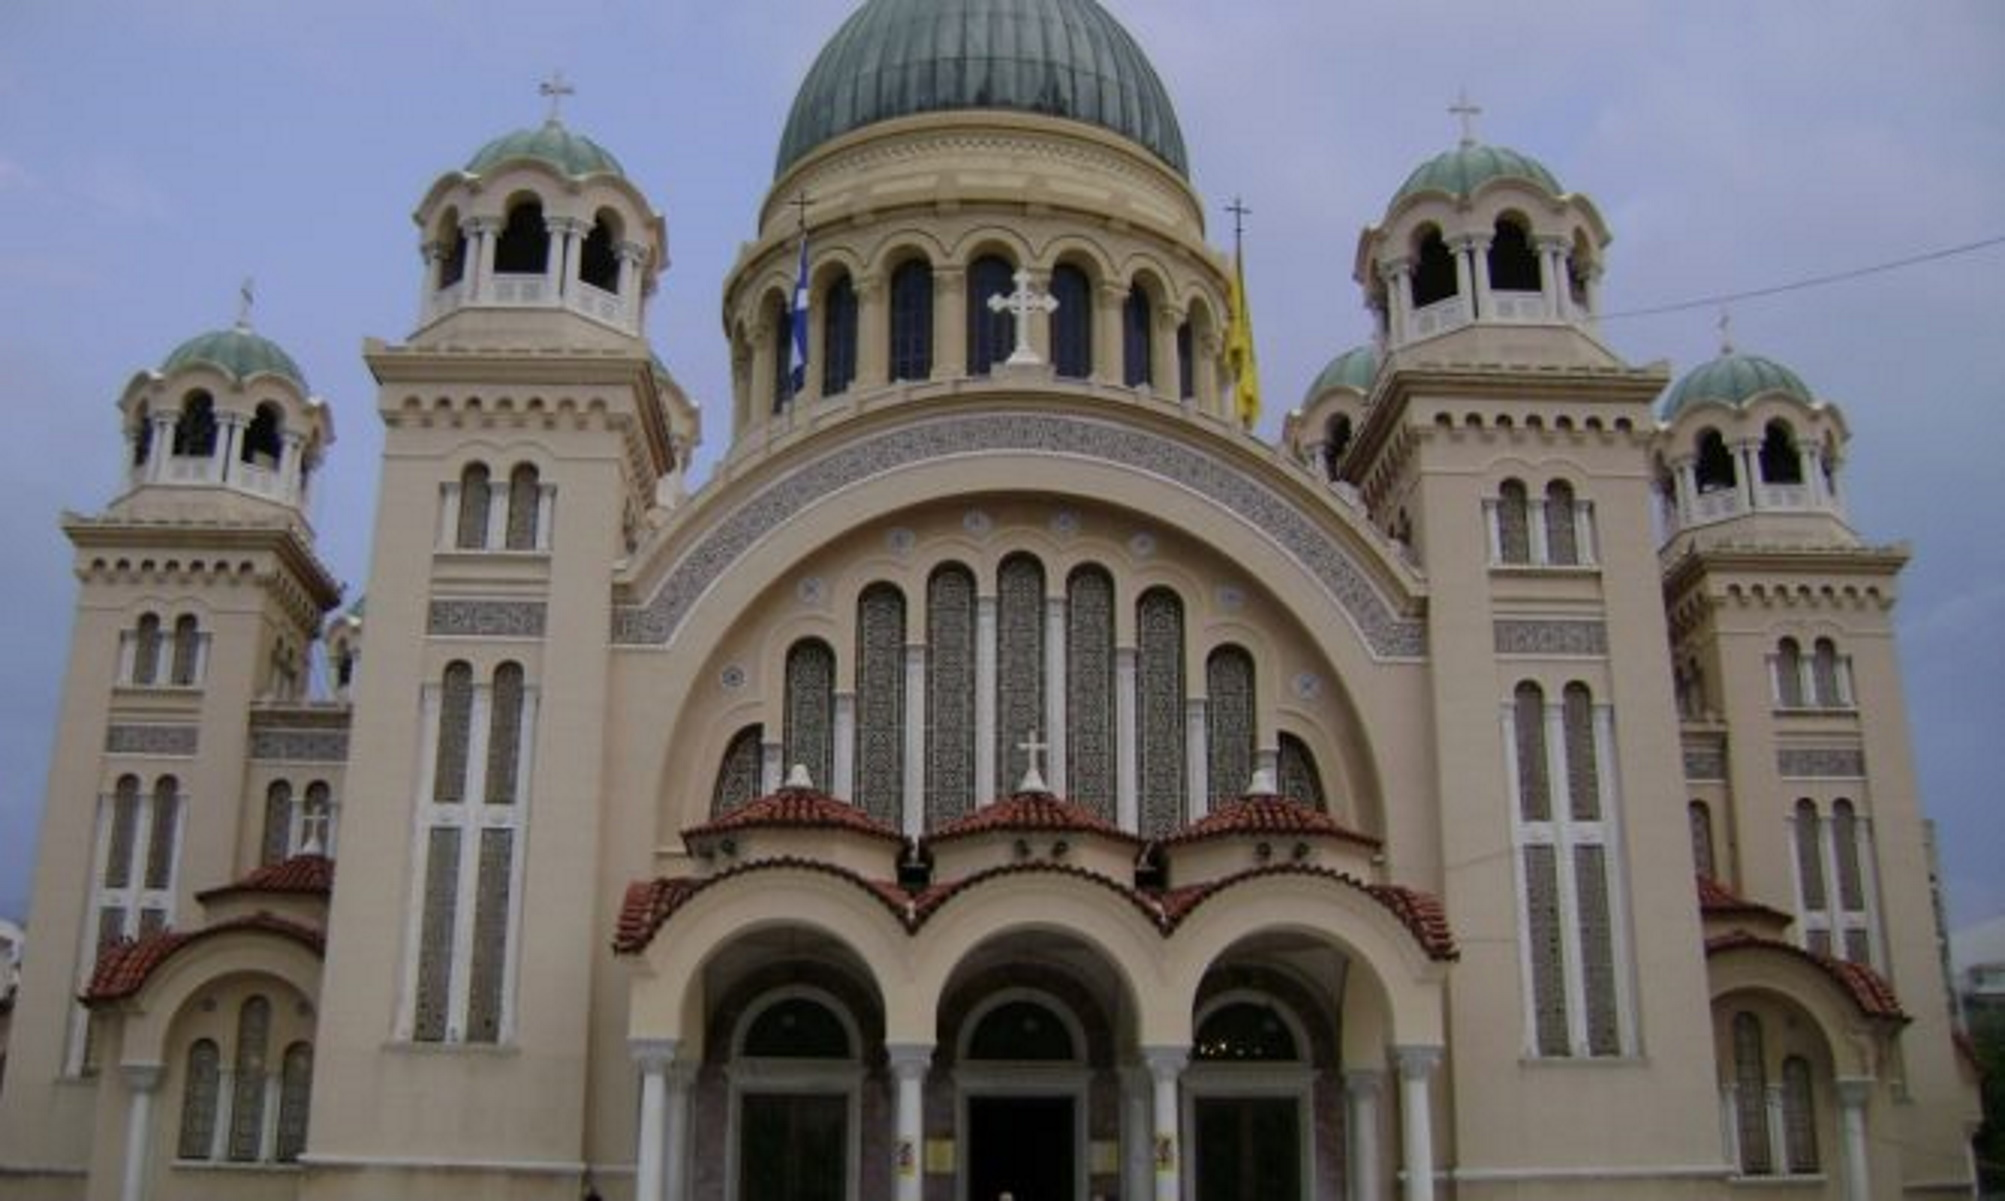 Ό,τι πρέπει να ξέρεις για το ναό του Αγίου Ανδρέα στην Πάτρα